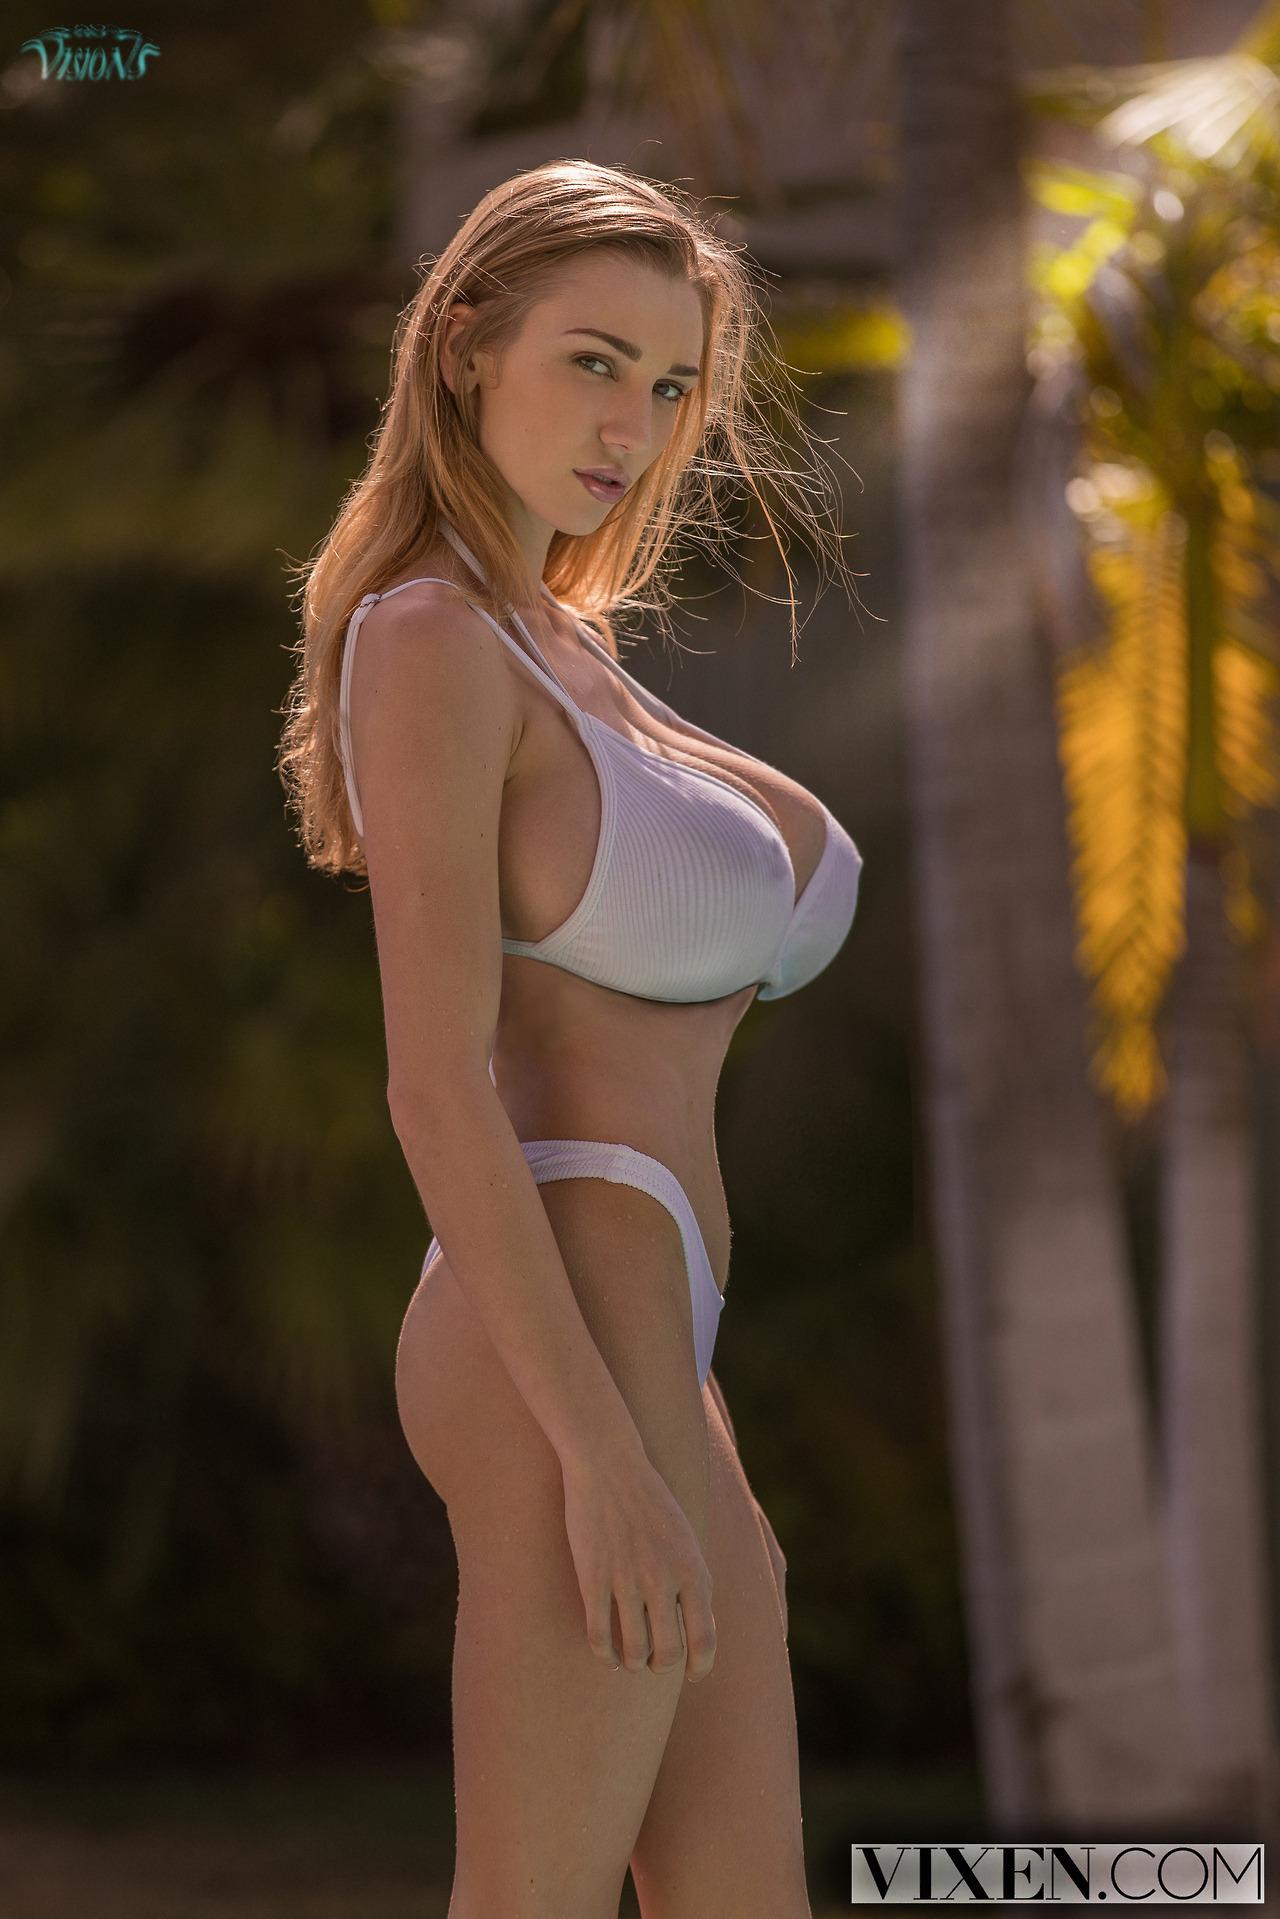 bikini big boobs tumblr